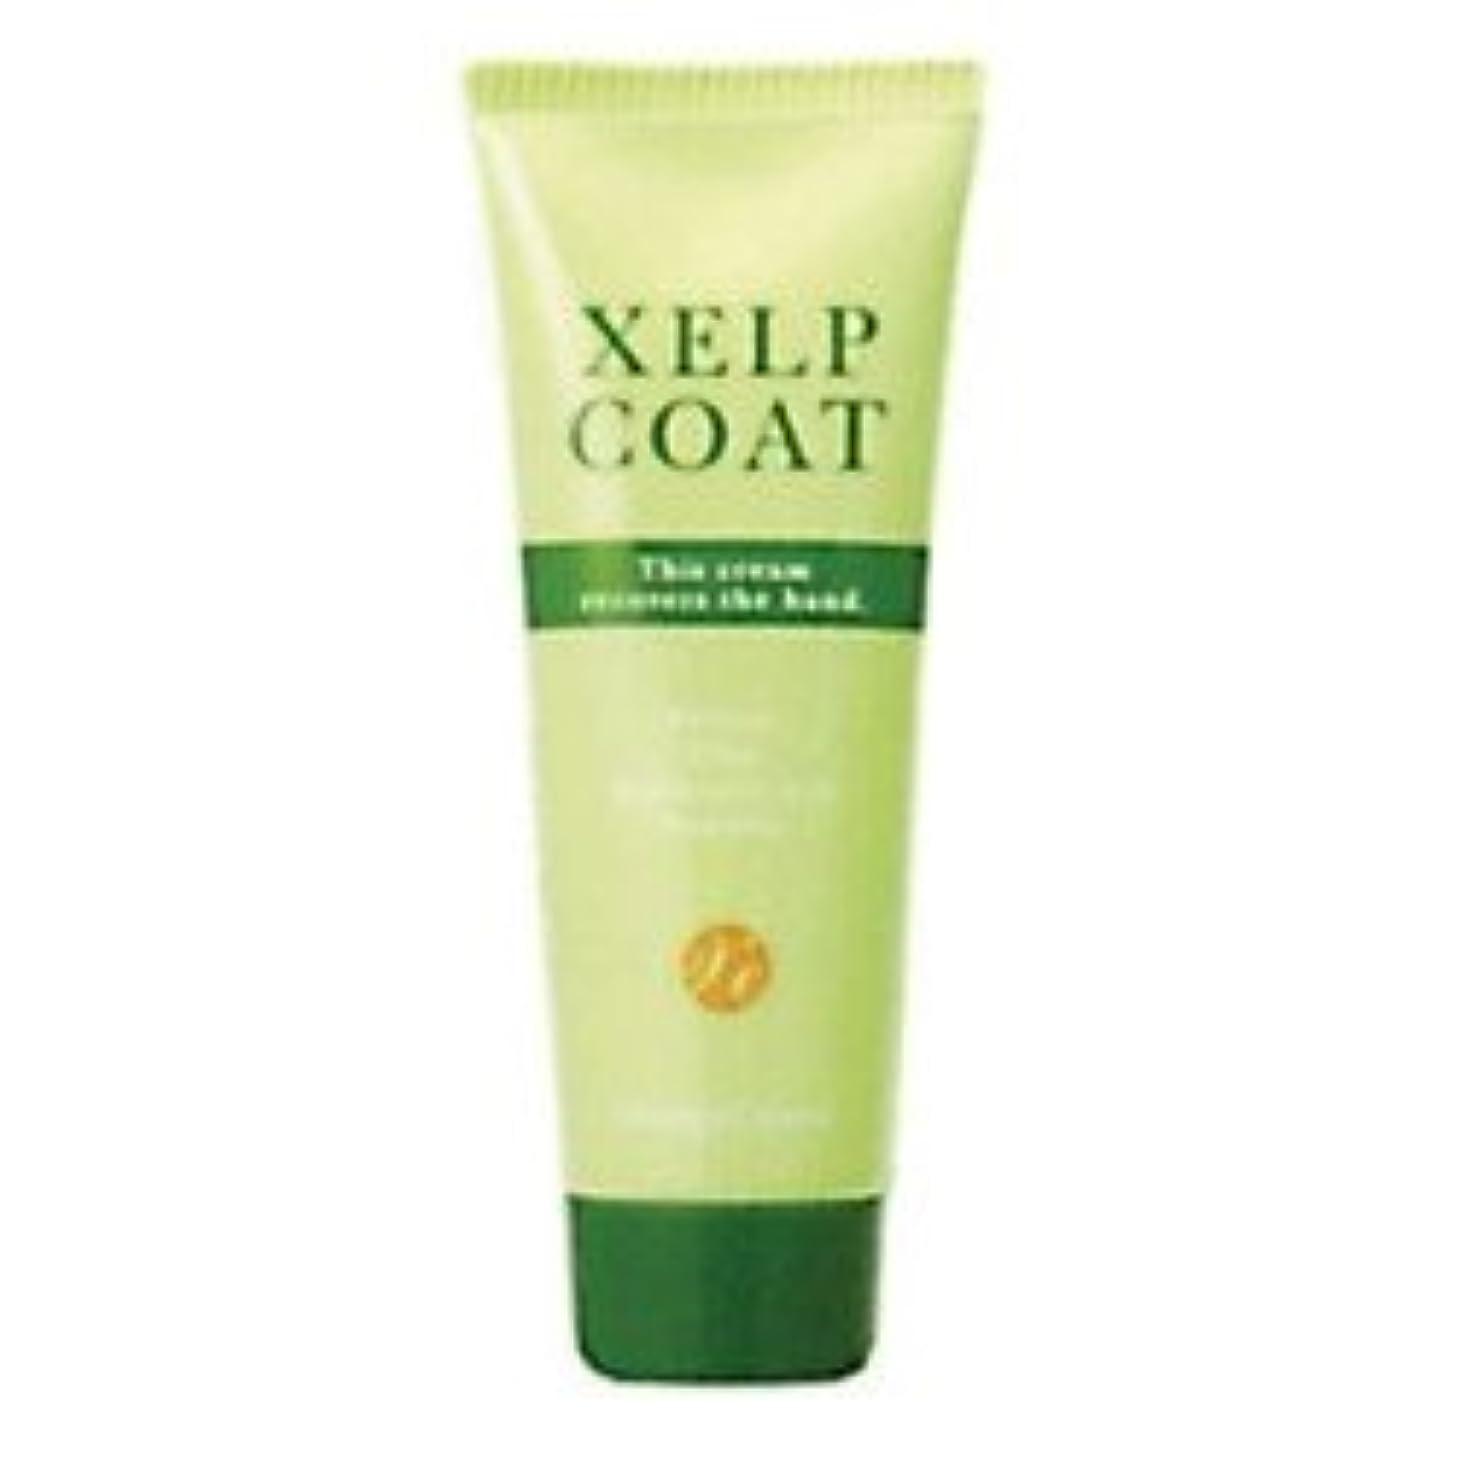 シングル別に愛人ケイルコート 80g XELPCOAT 美容師さんのためのハンドクリーム